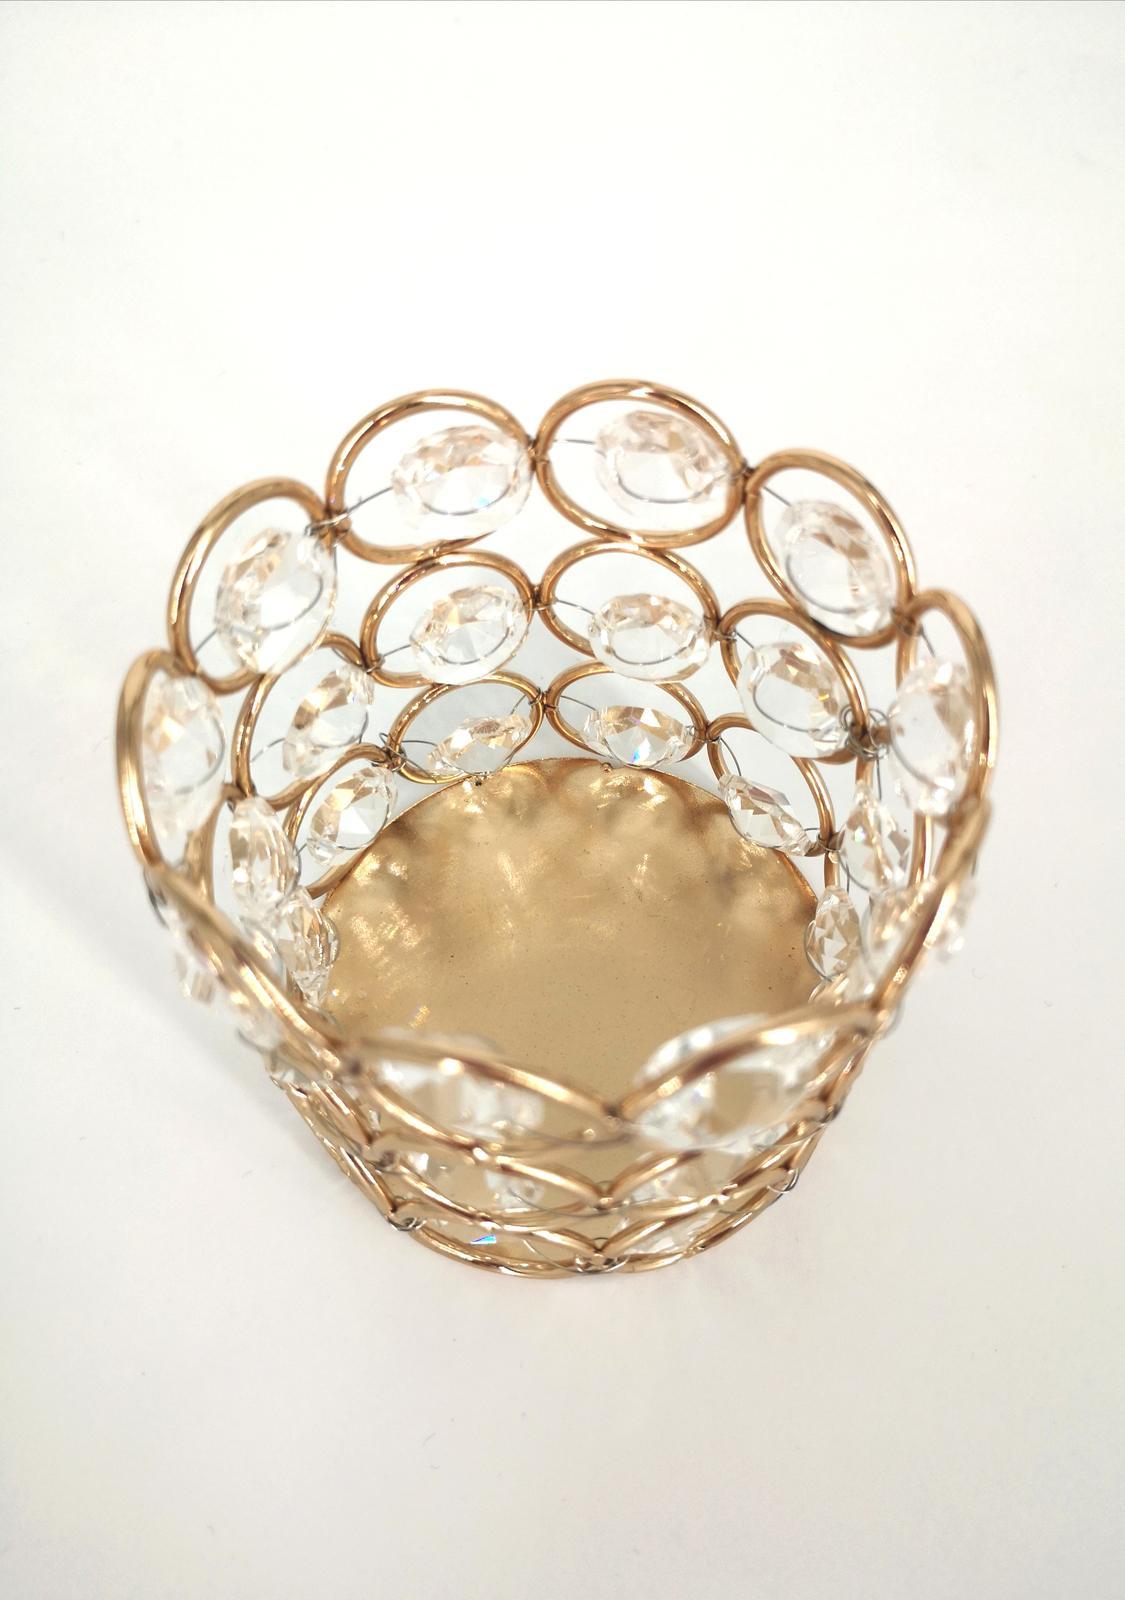 Prenájom - Svietnik s kryštálmi malý, zlatý  - Obrázok č. 2